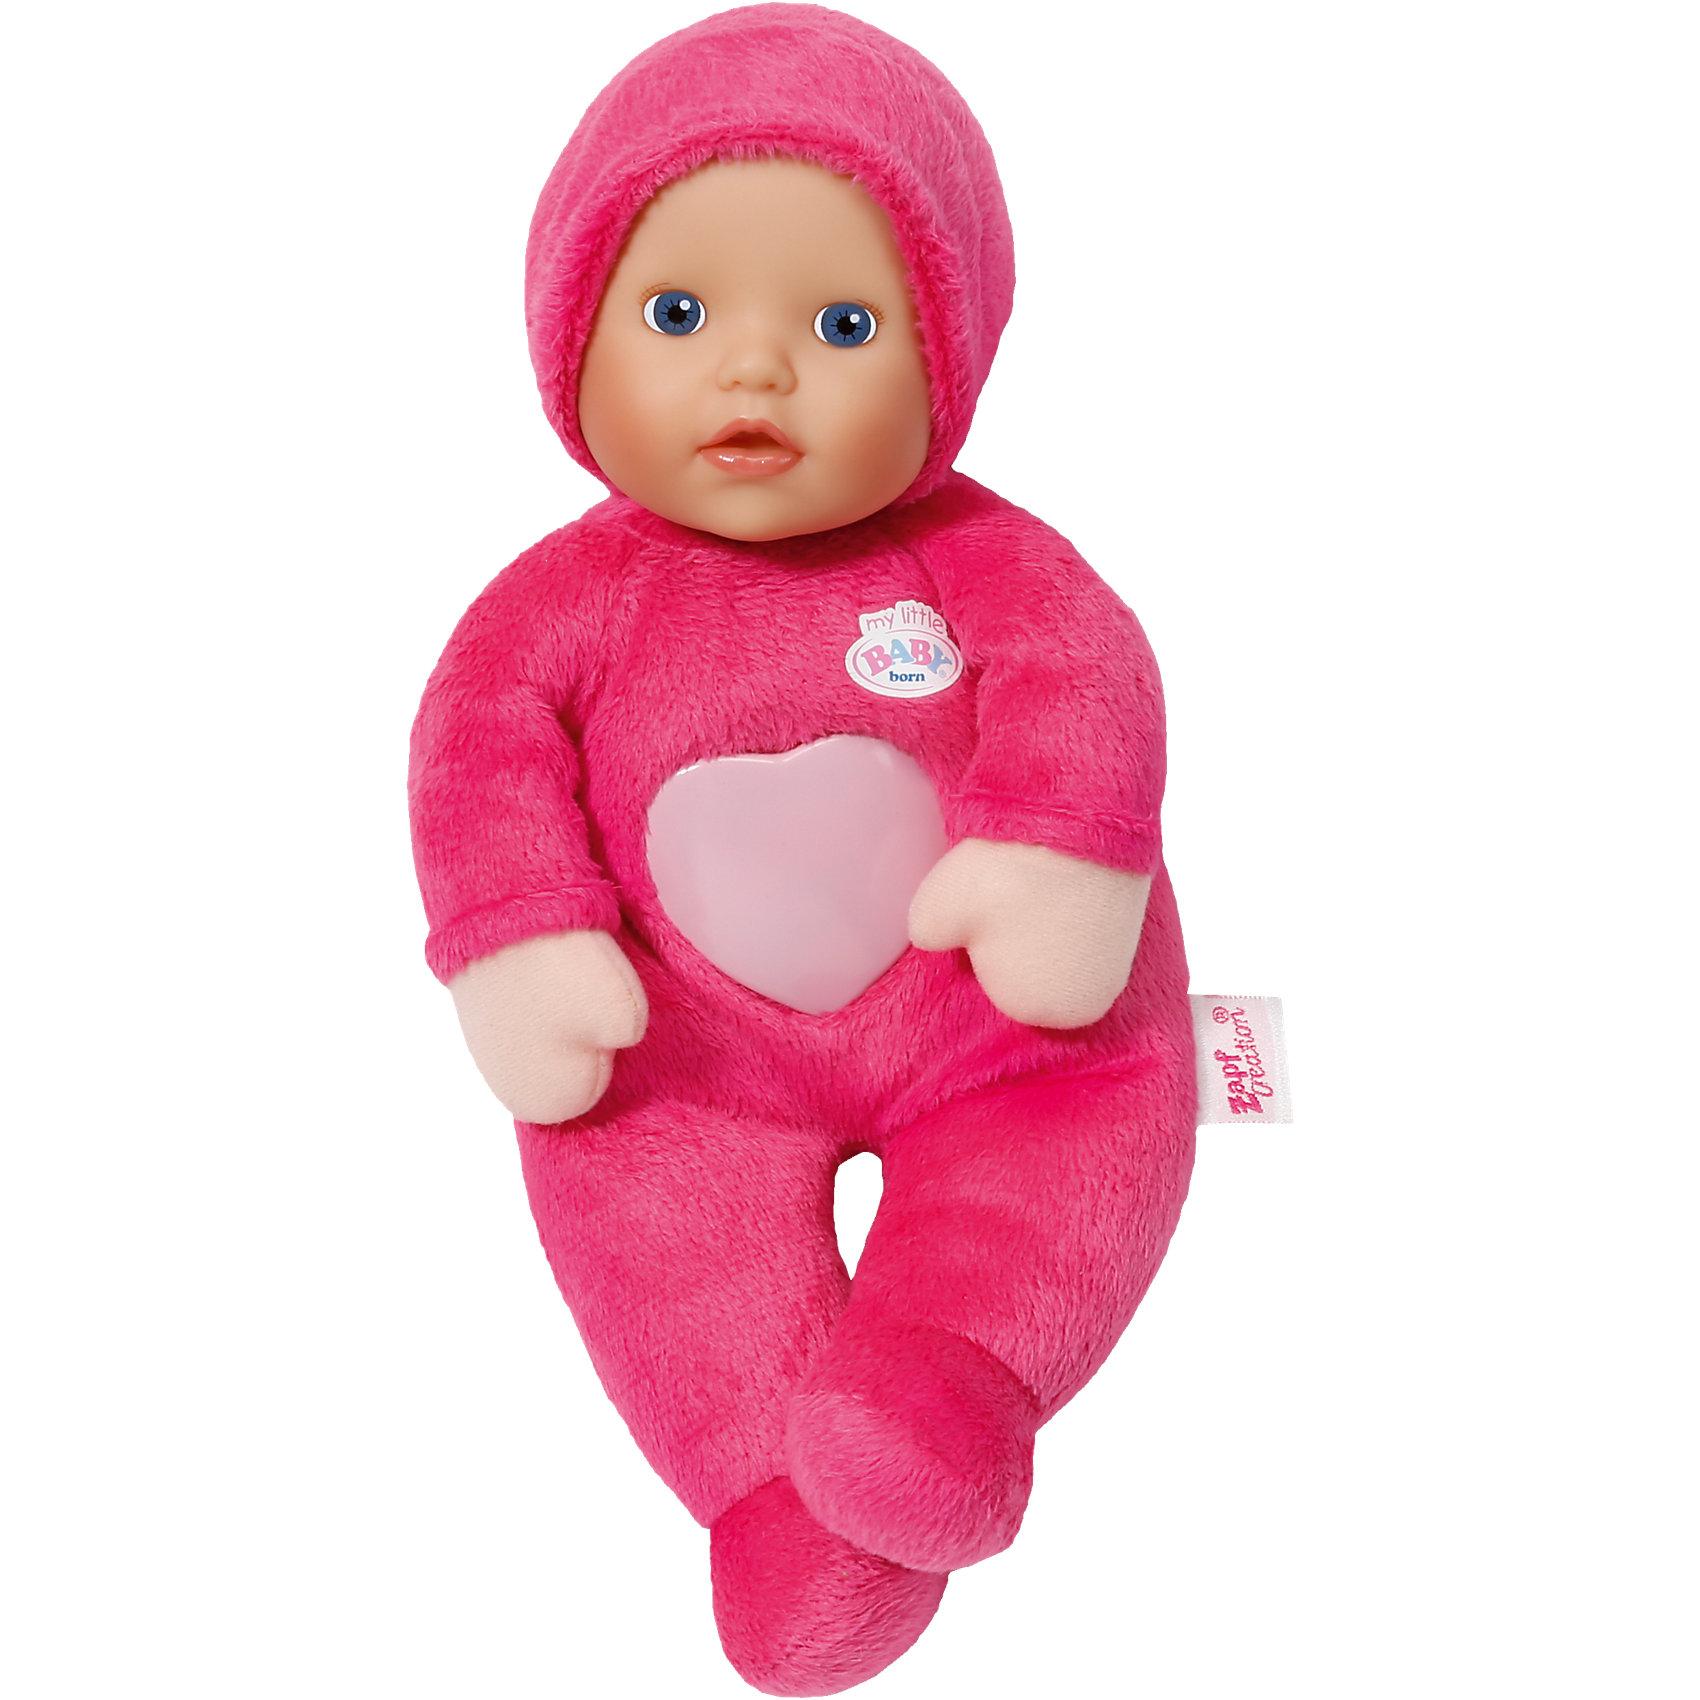 Кукла Супермягкая, музыкальная, 30 см, my little BABY born, в ассортименте